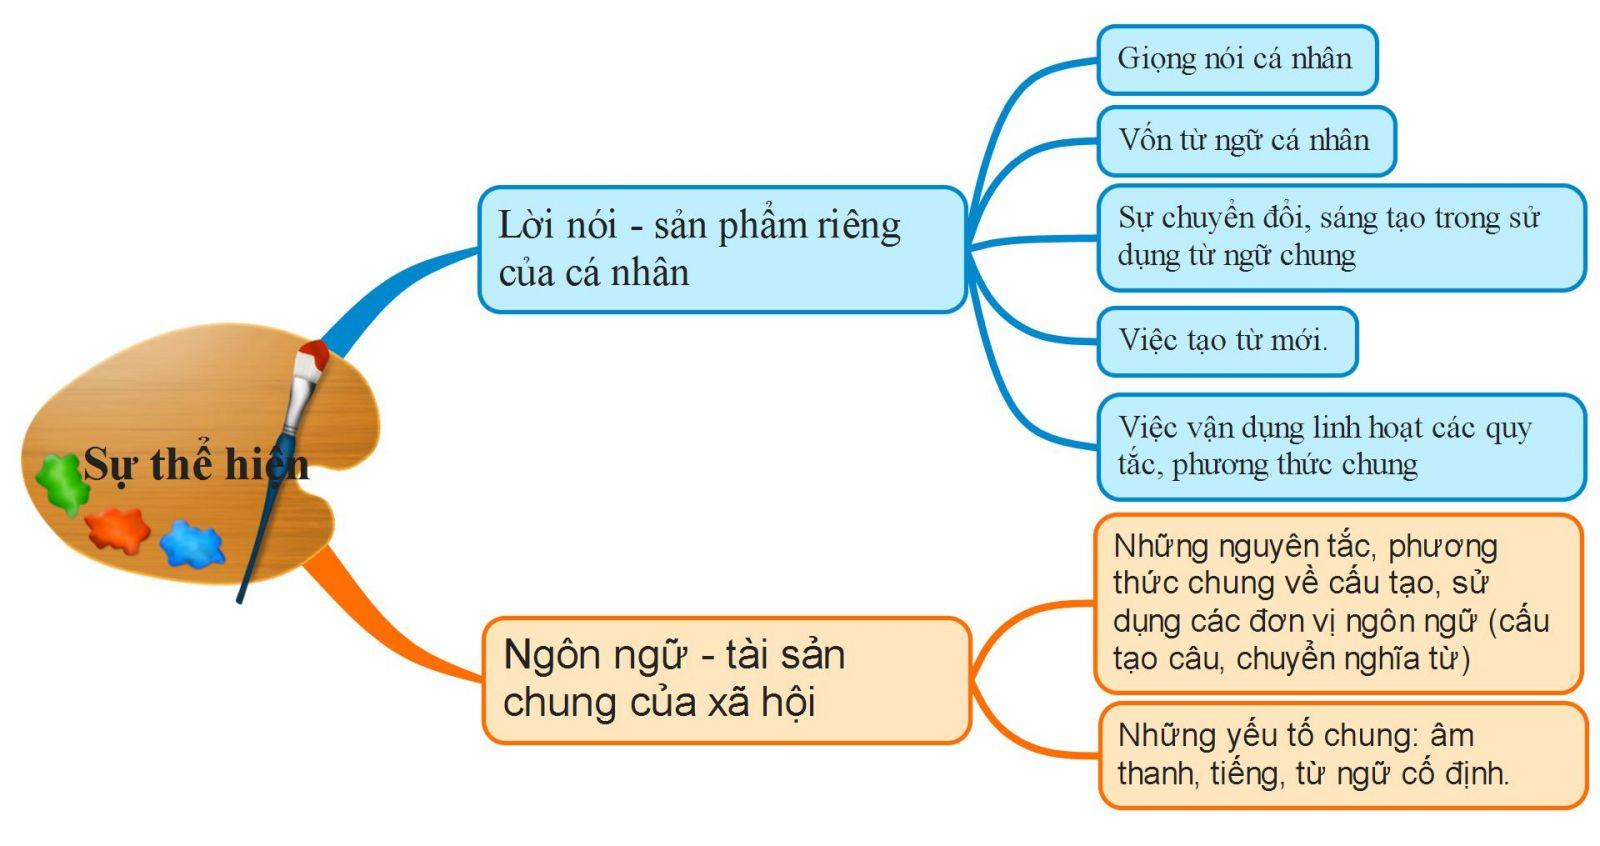 Sự thể hiện của ngôn ngữ chung và lời nói cá nhân